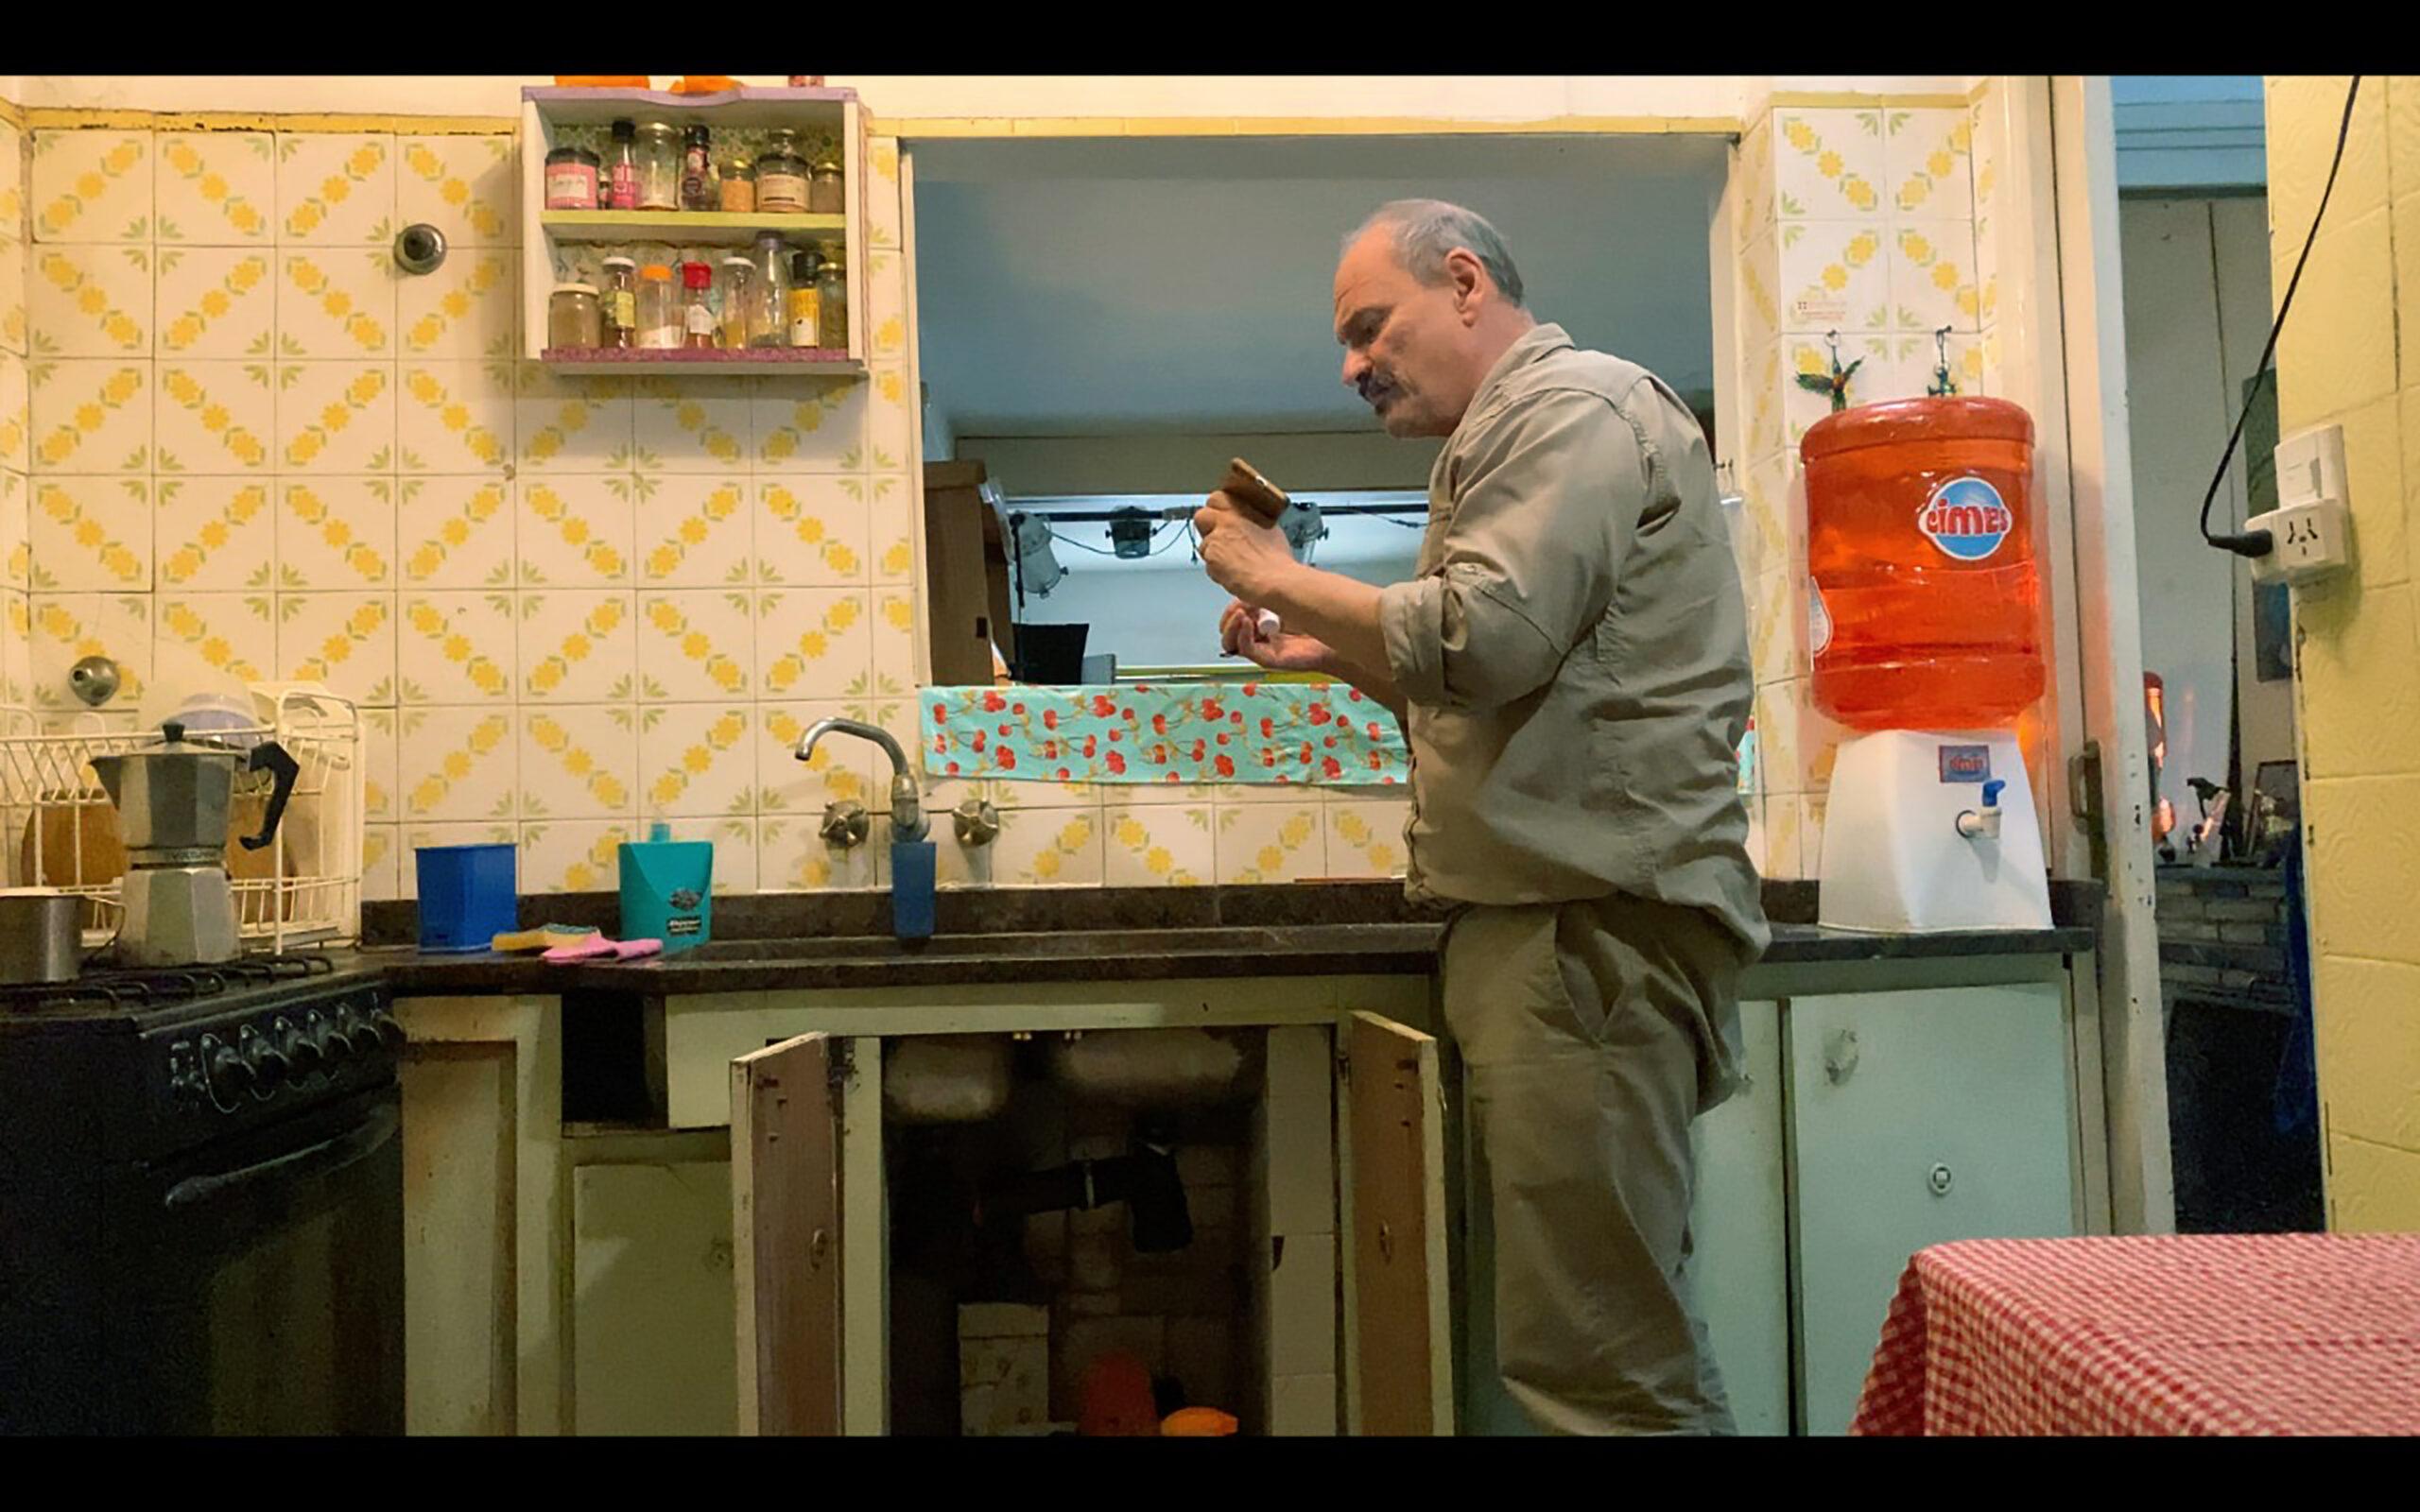 Nueve directores filmaron «Murciélagos» durante la cuarentena para recaudar fondos: se estrena en junio